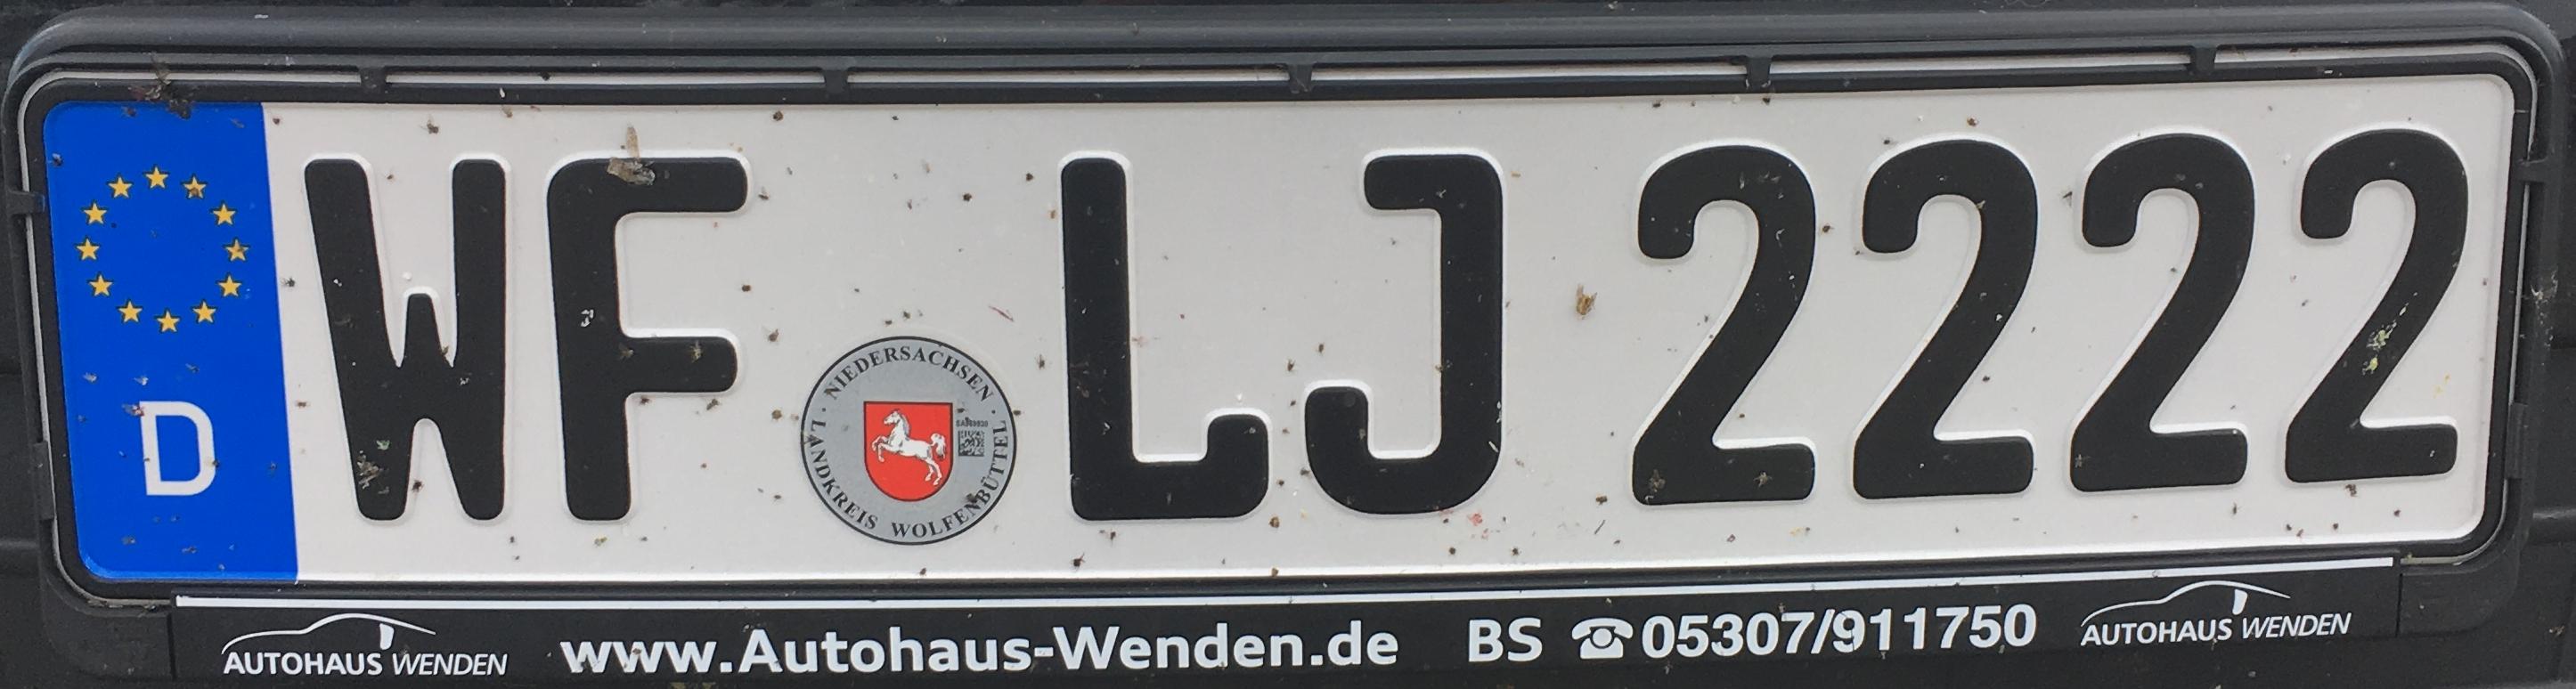 Registrační značka Německo – WF - Wolfenbüttel, foto: www.podalnici.cz